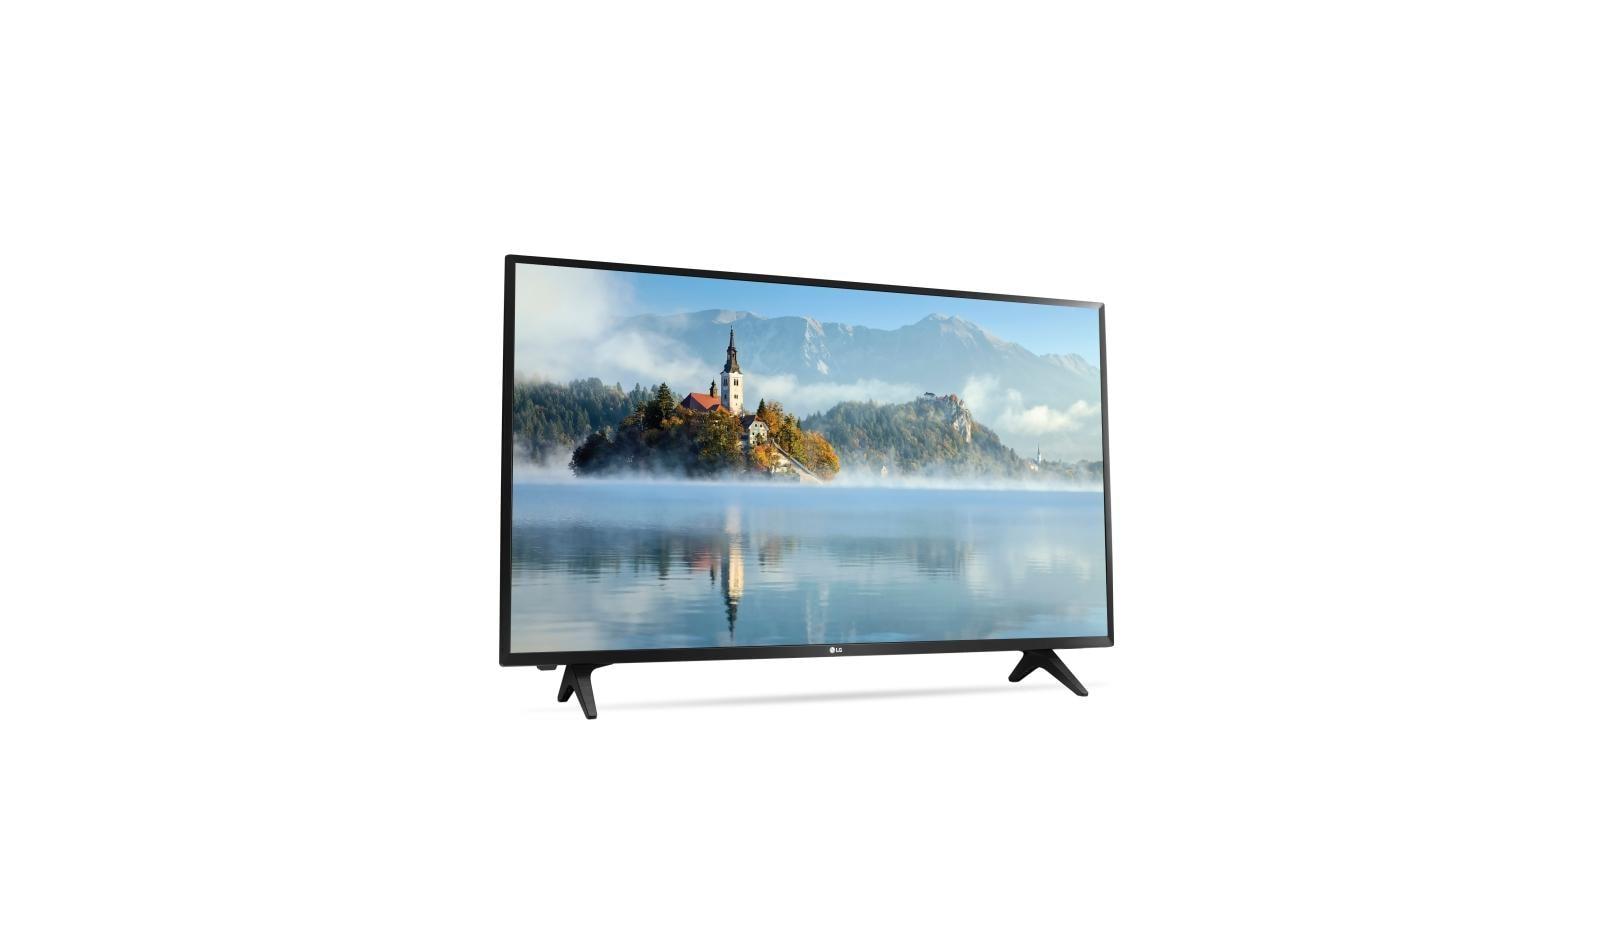 LG 43LJ5000: 43-inch Full HD 1080p LED TV | LG USA